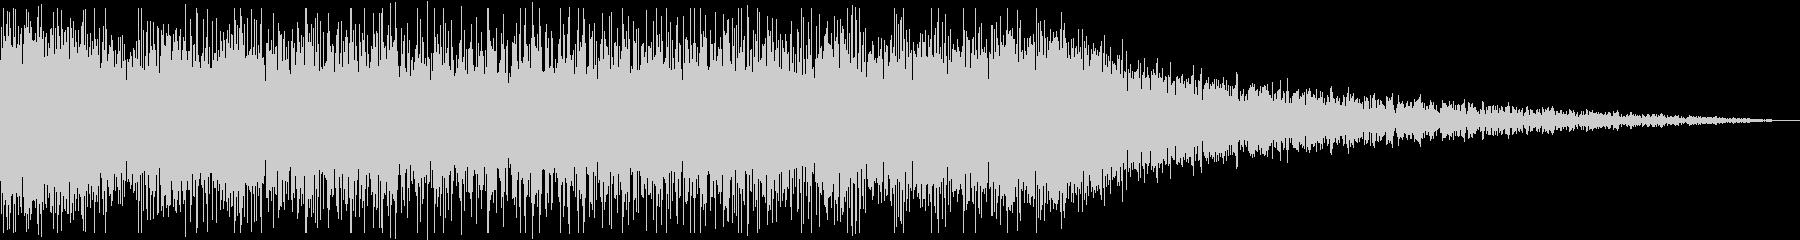 スパイラルフーシャバイの未再生の波形